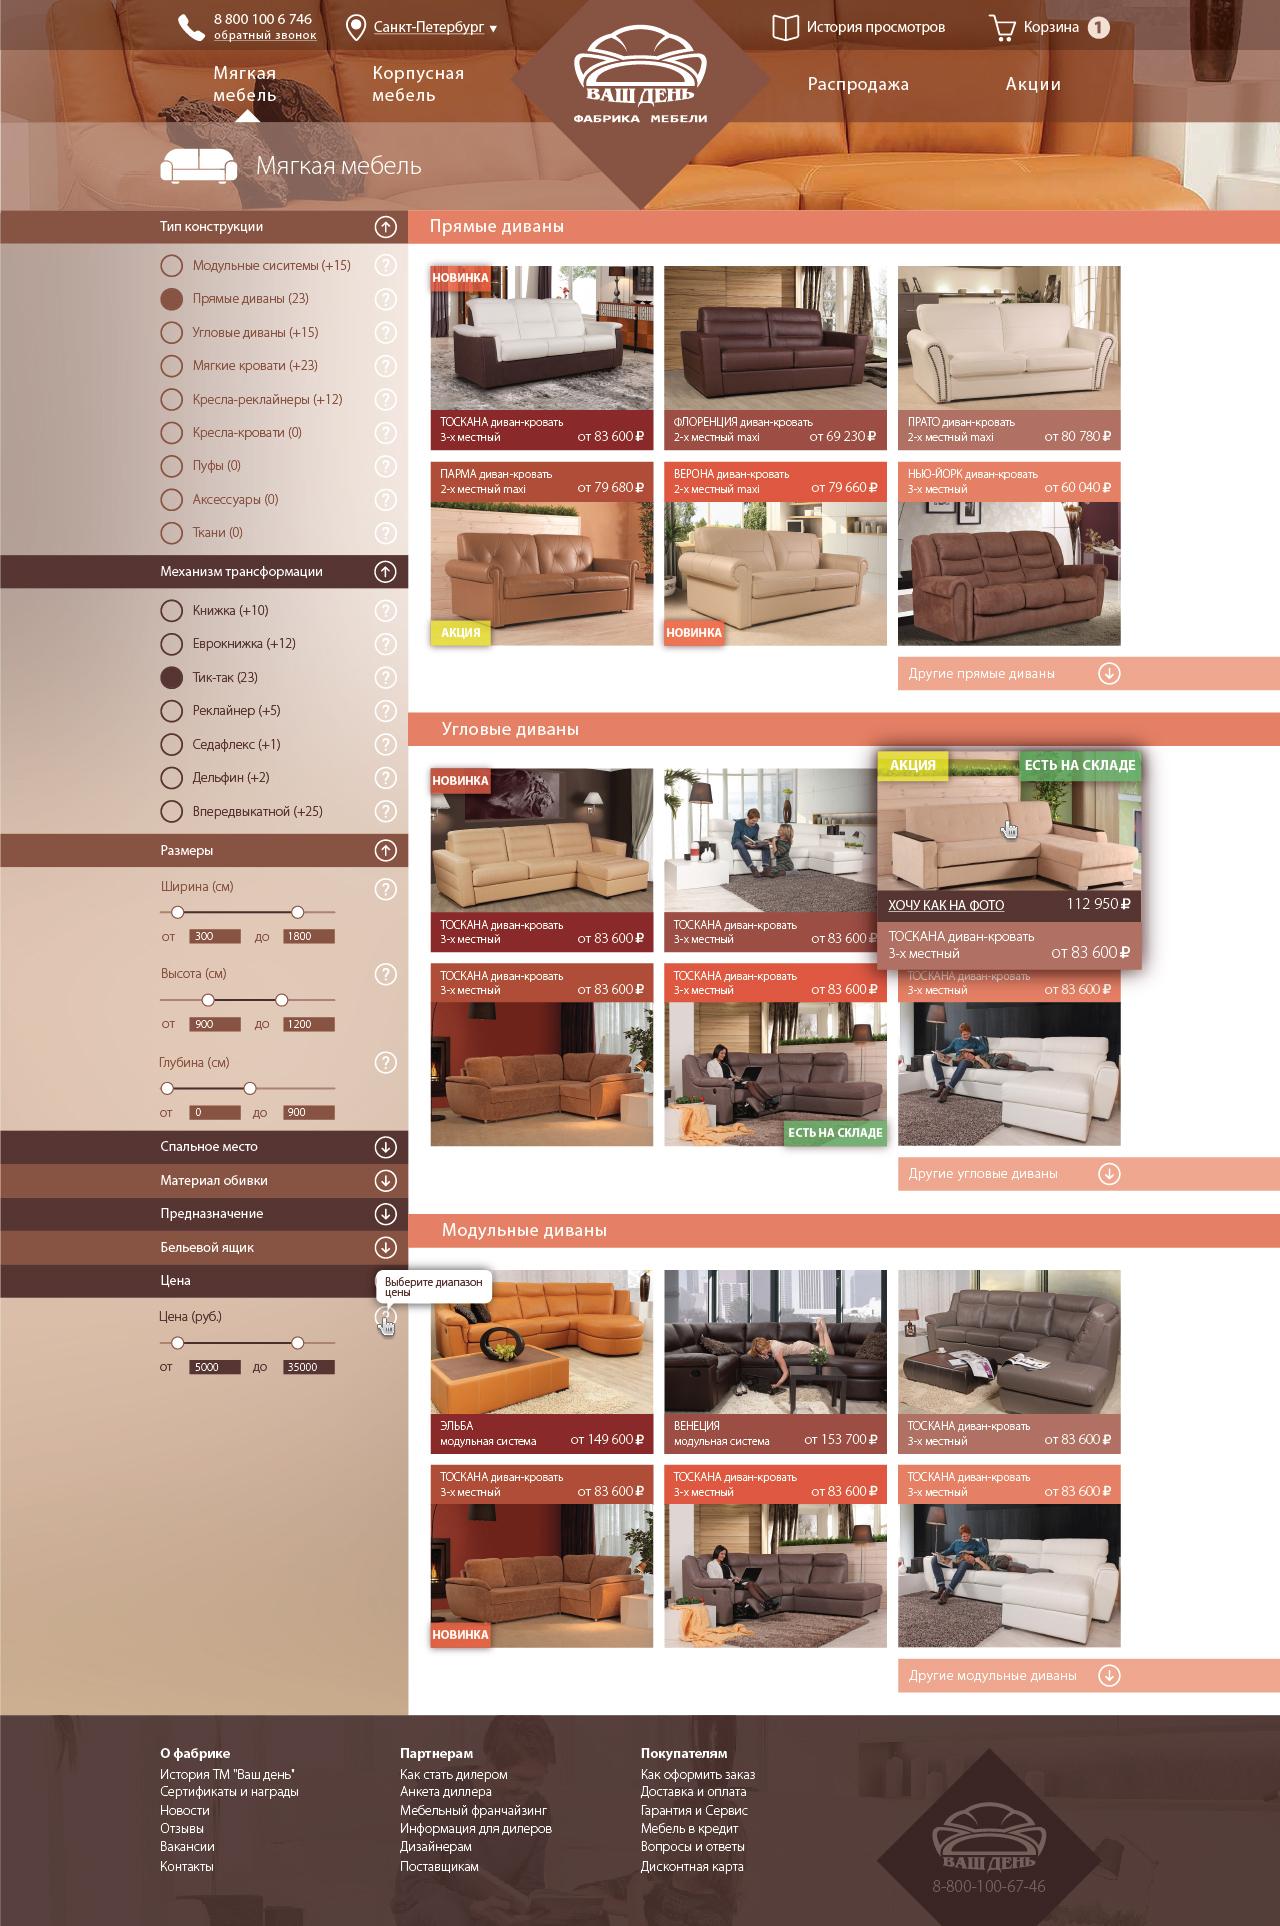 Разработать дизайн для интернет-магазина мебели фото f_82552eea0413c418.jpg